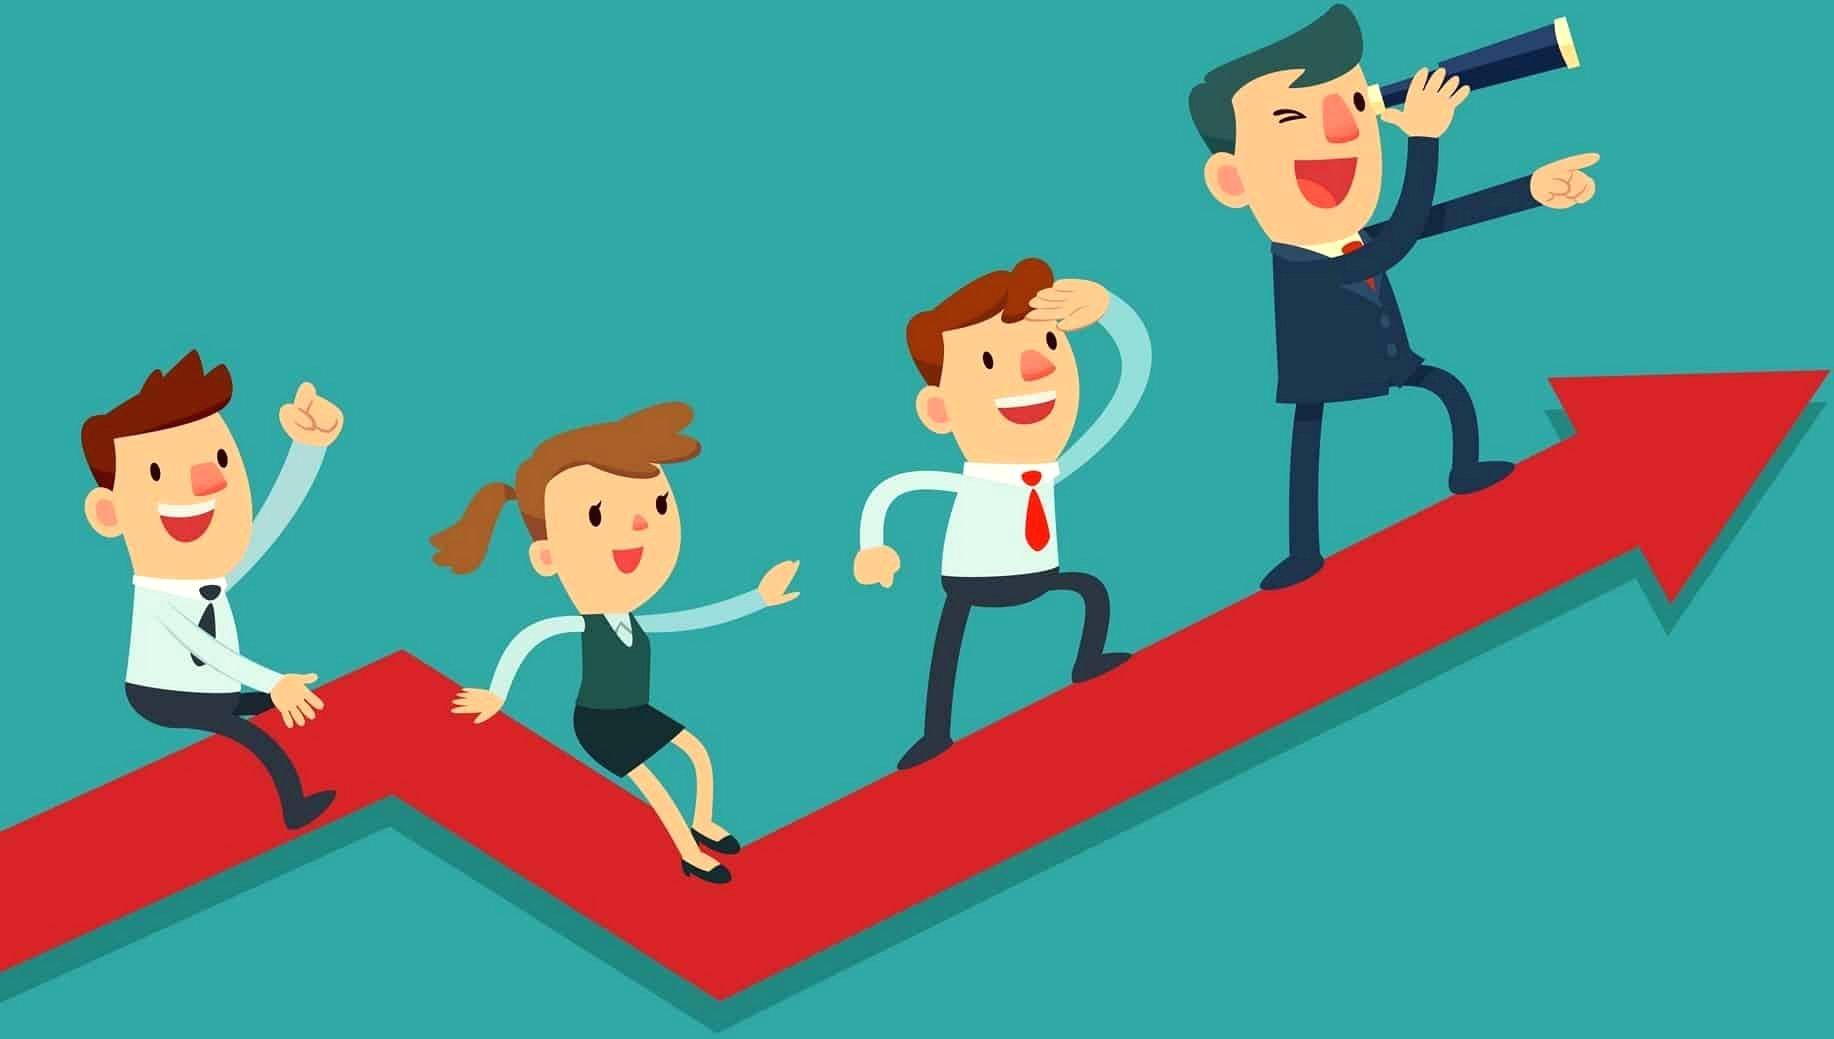 Sale Admin là một công việc không đòi hỏi quá cao về trình độ chuyên môn nhưng yêu cầu phải có kiến thức về kinh doanh